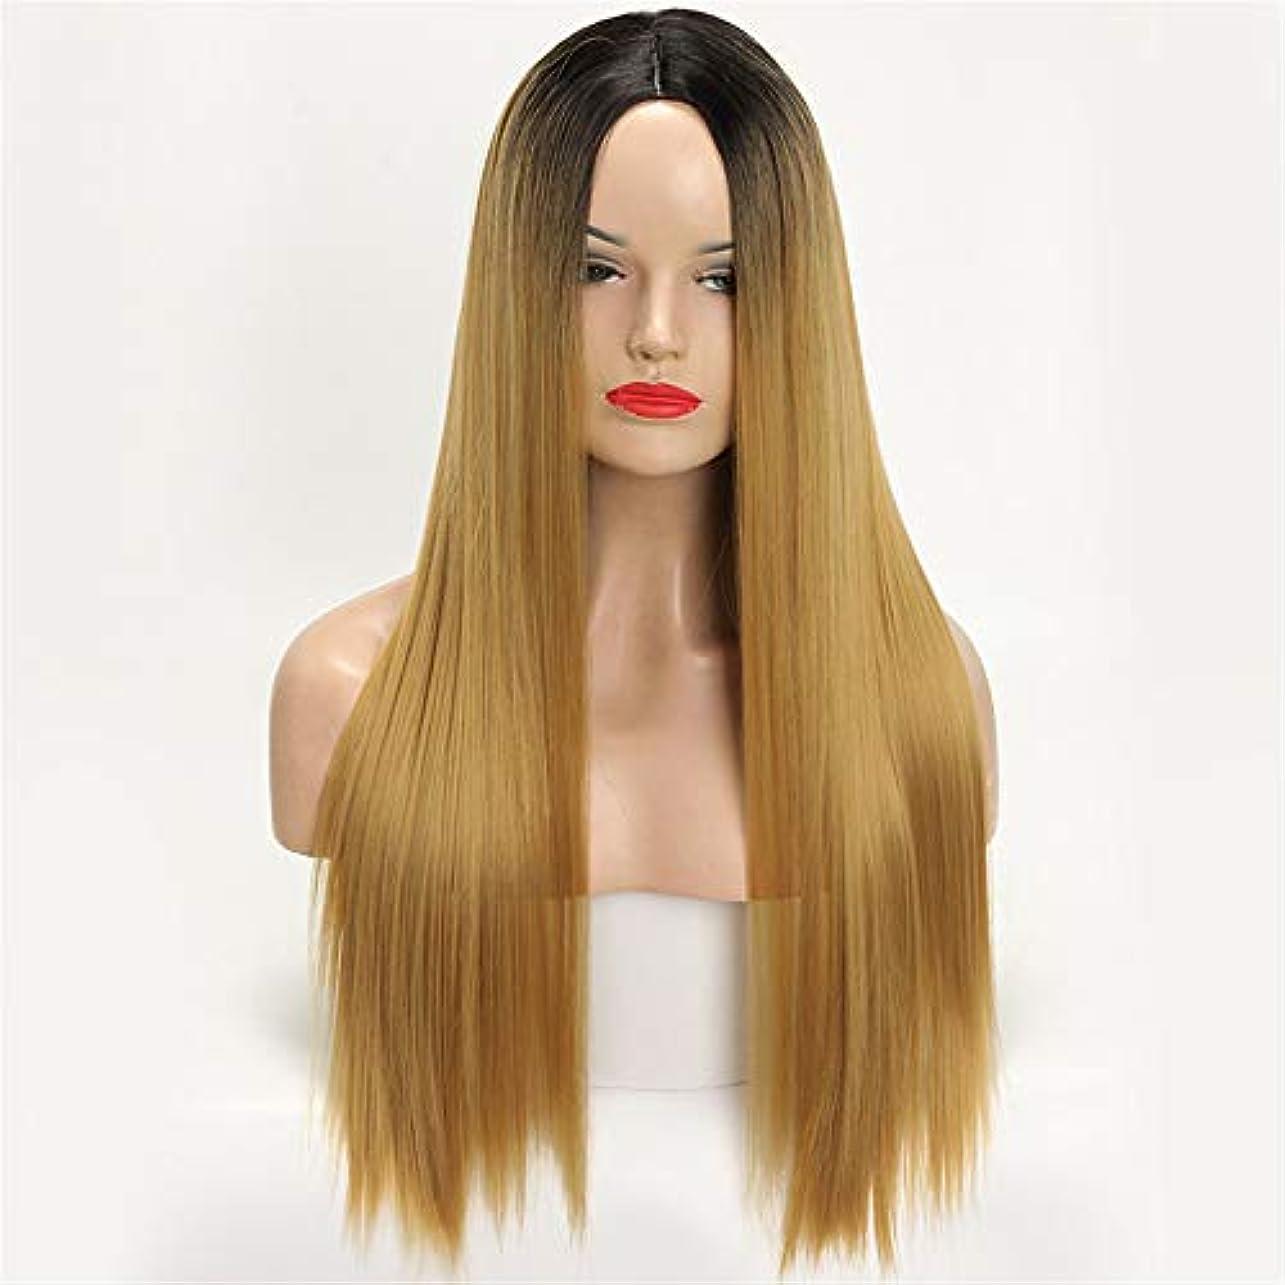 独創的残酷絶縁するかつらロングストレートヘア女性勾配化学繊維フードオンブルブラックブロンドロングストレート高温合成繊維ウィッグ女性用ウィッグ30インチ